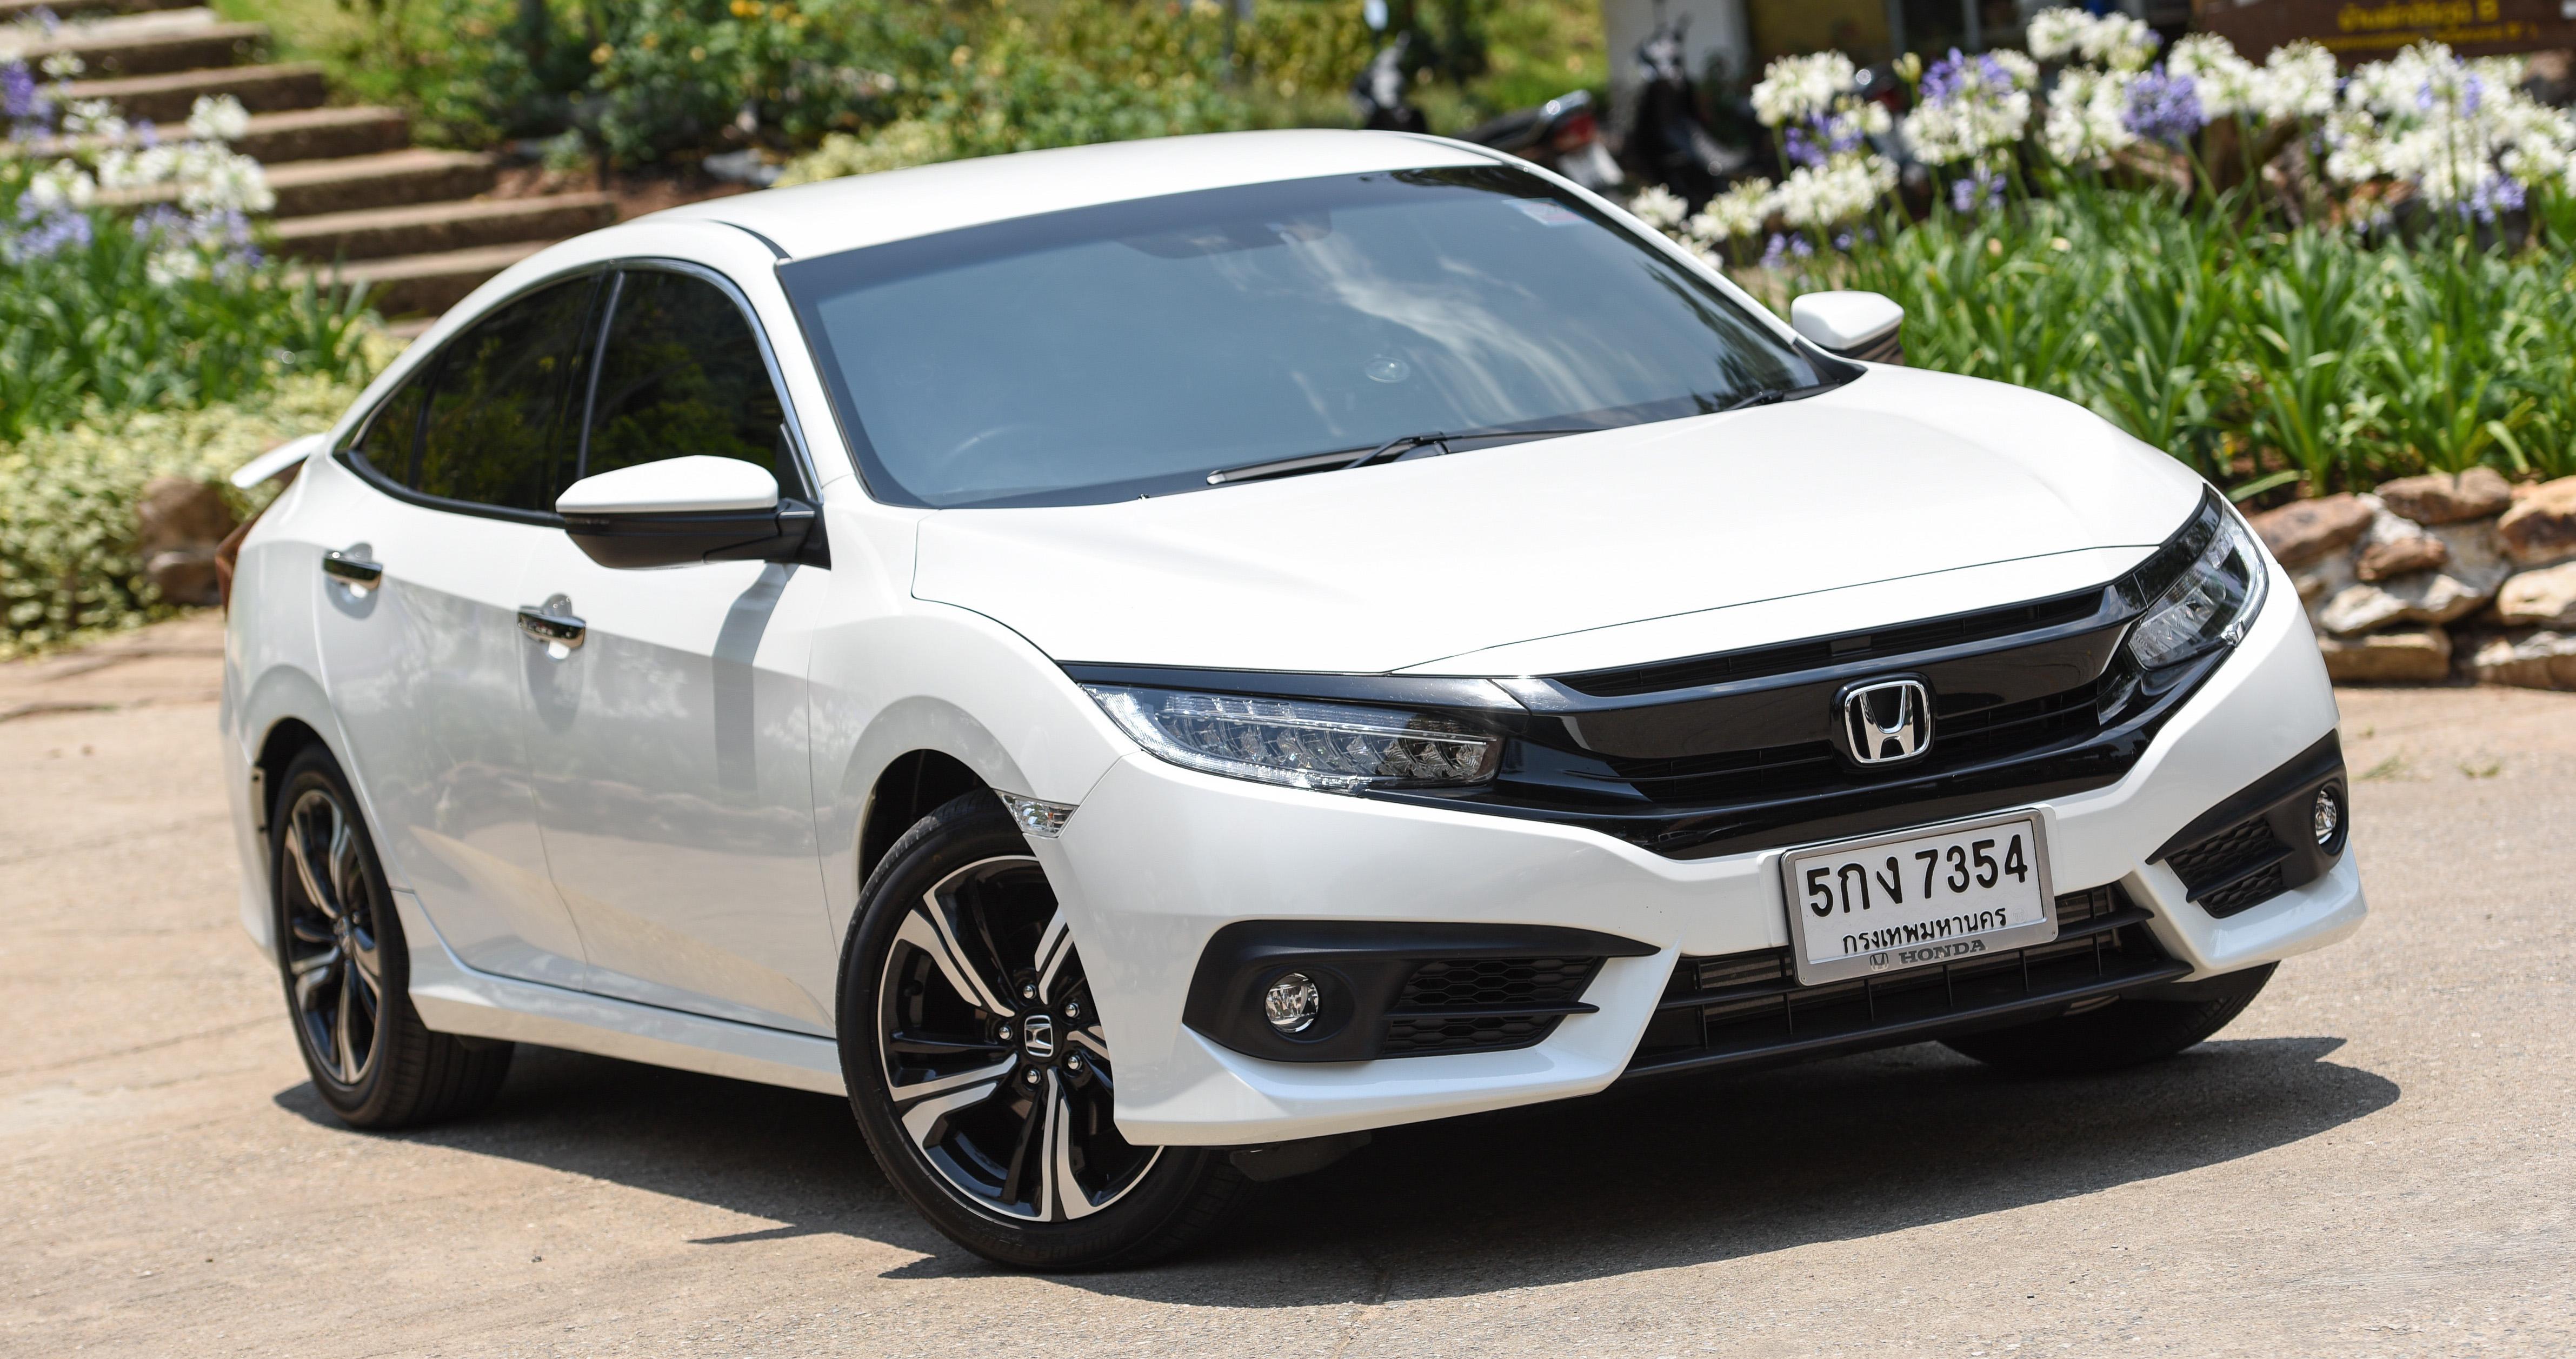 Honda Civic Fc 2018 >> DRIVEN: 2016 FC Honda Civic 1.8L, 1.5L VTEC Turbo Paul Tan - Image 492284